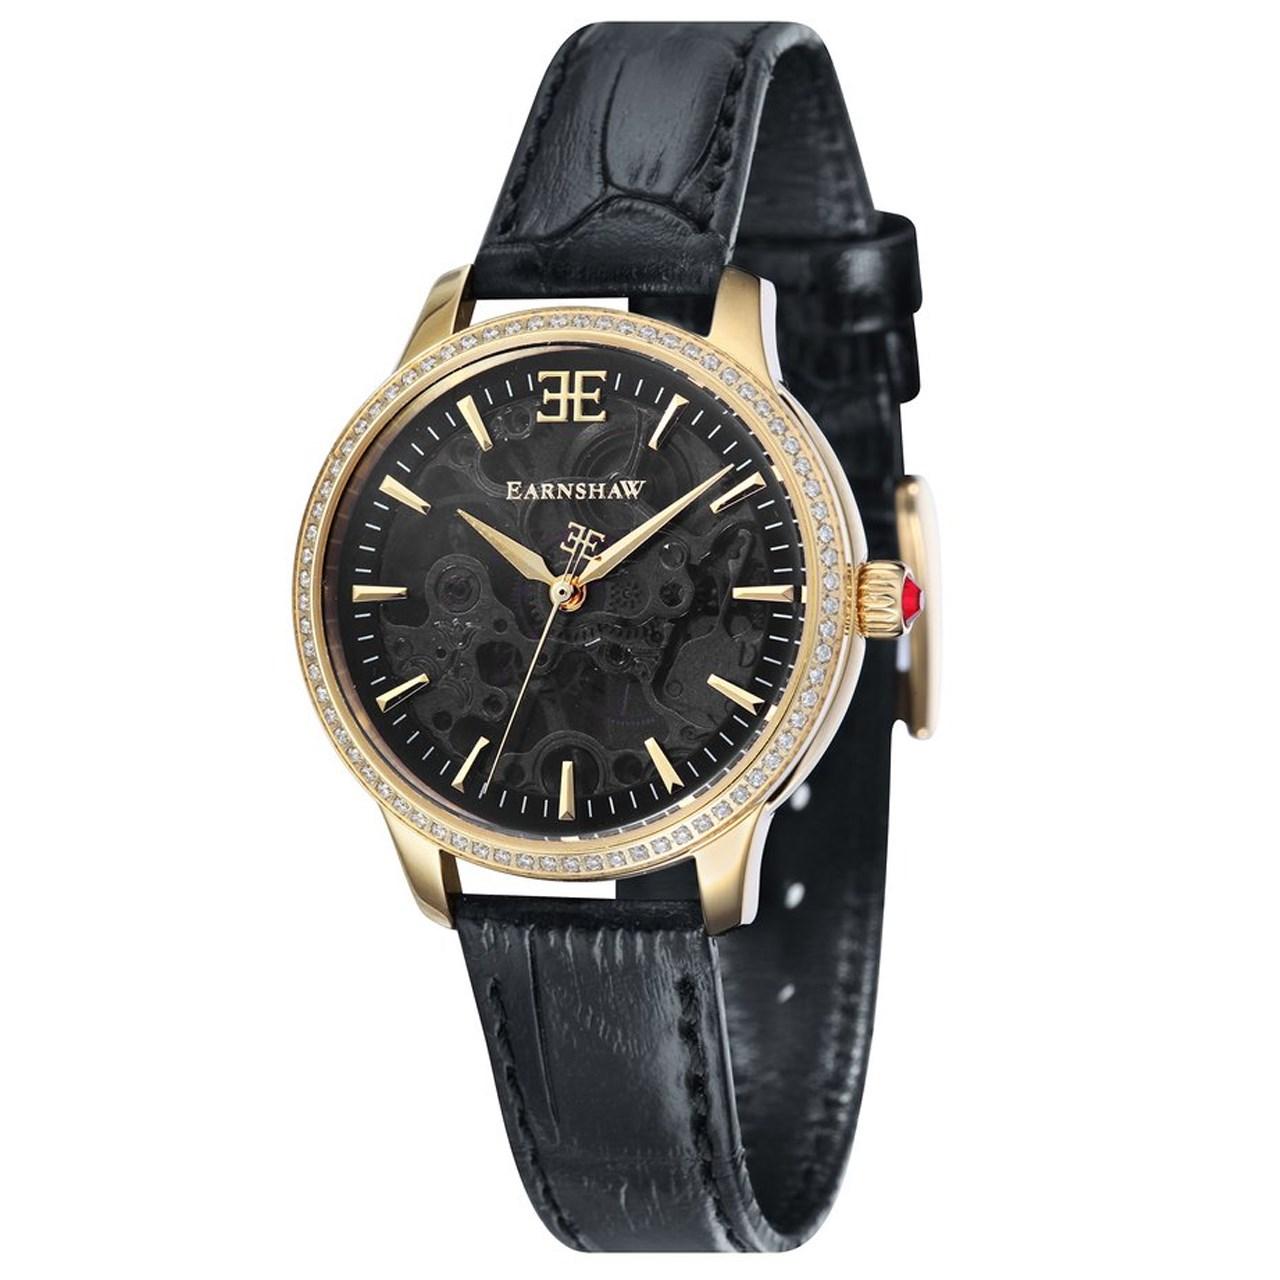 ساعت مچی عقربه ای زنانه ارنشا مدل ES-8056-01 6